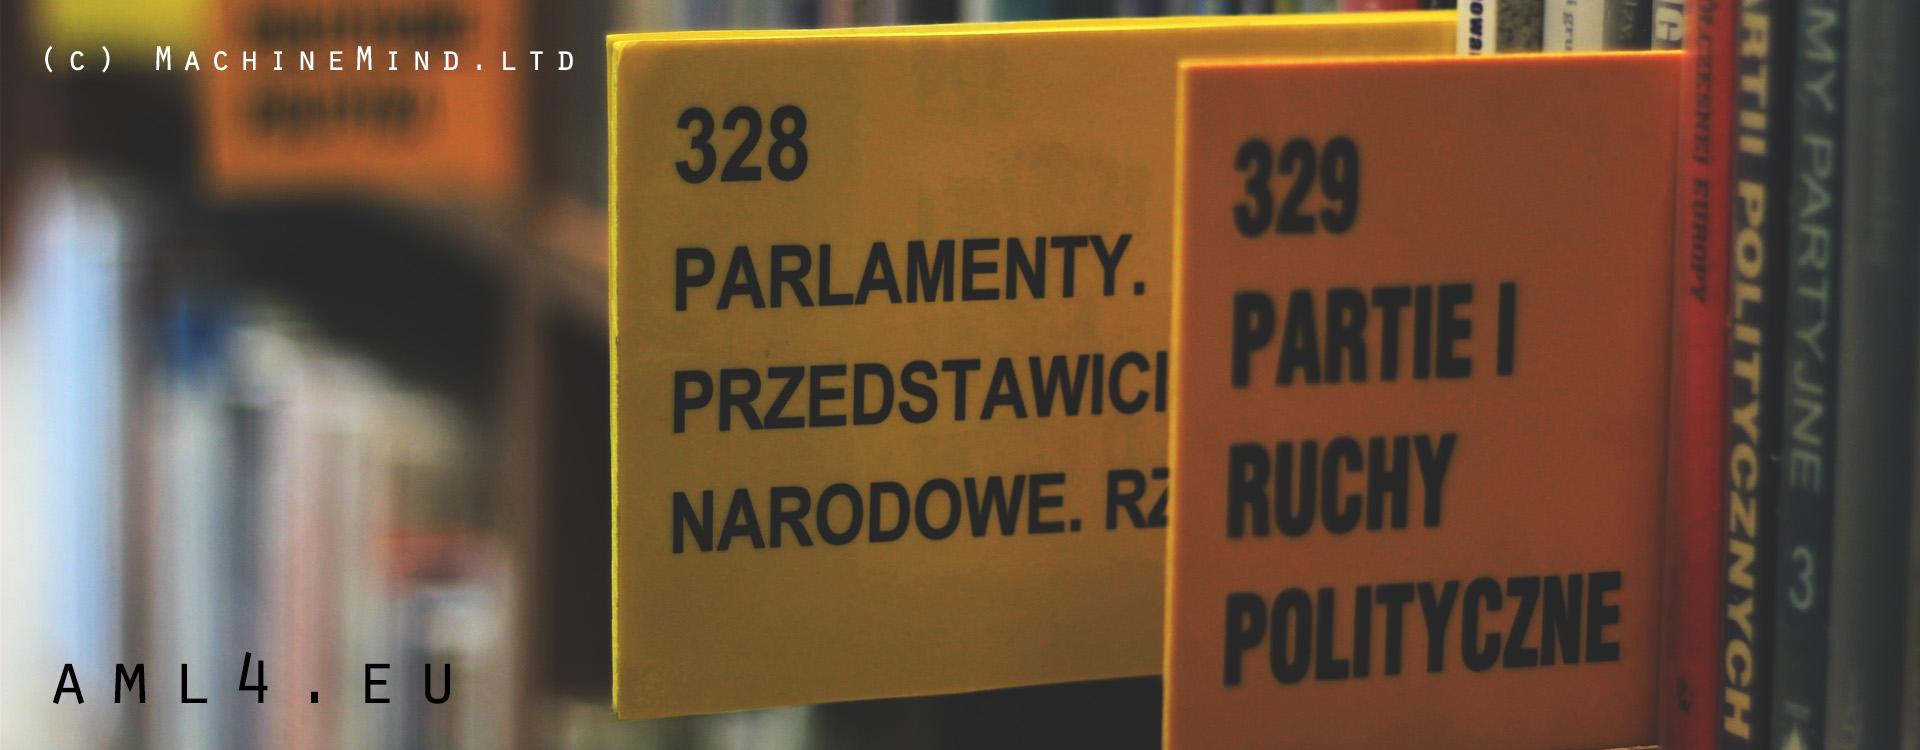 Osoba eksponowana politycznie w Polsce